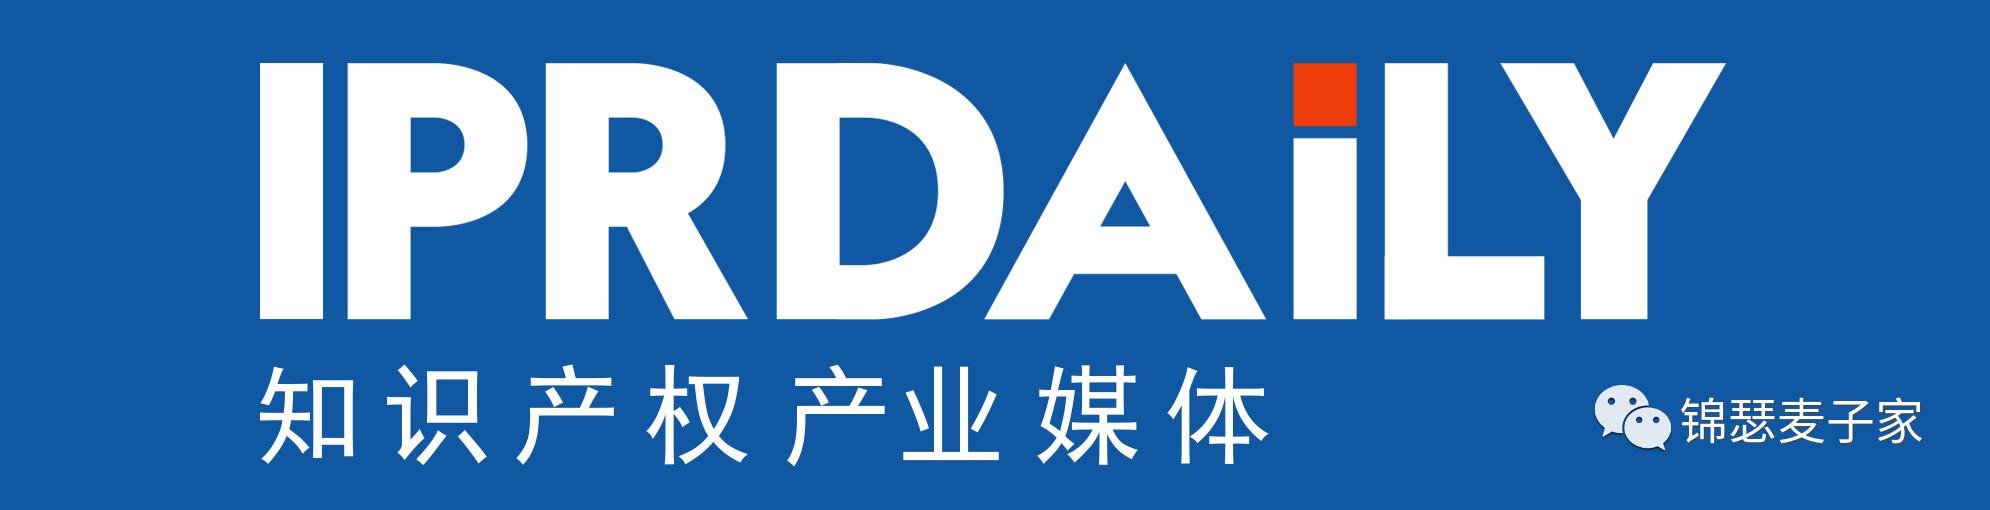 麦子家智享沙龙 | 北京站:企业IPer转型之惑与破